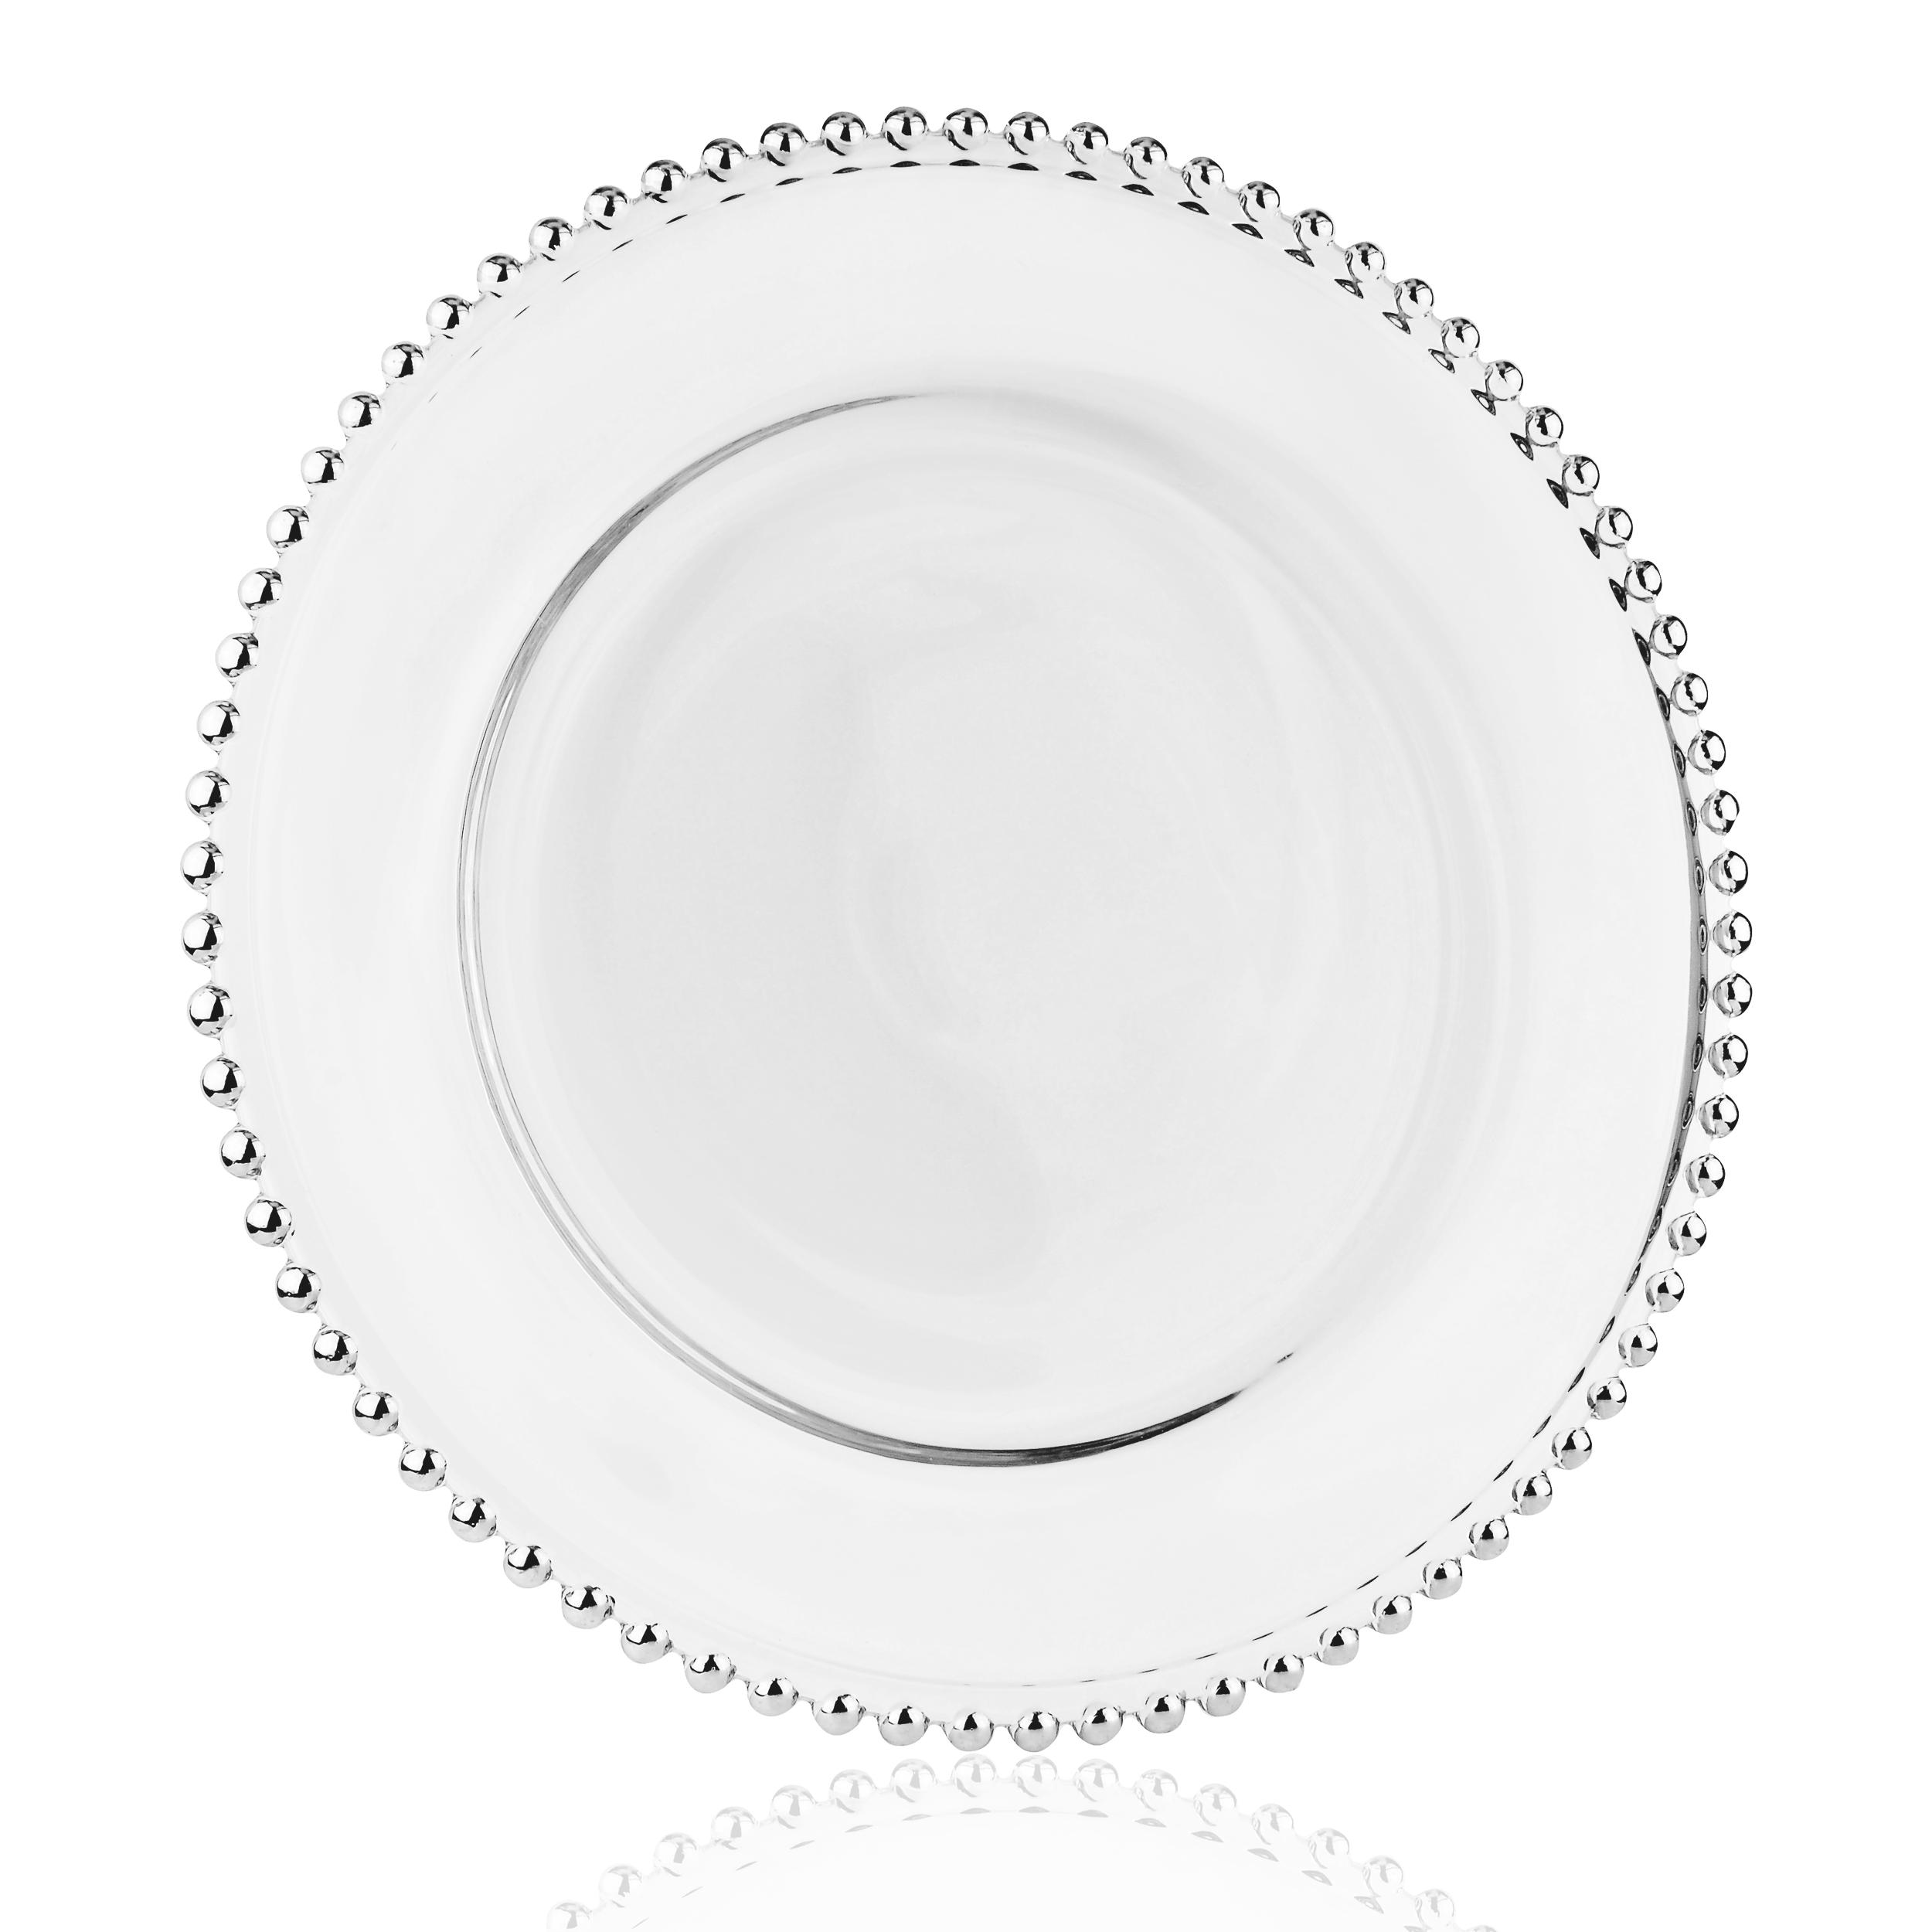 talerz przezroczysty ze srebrnym